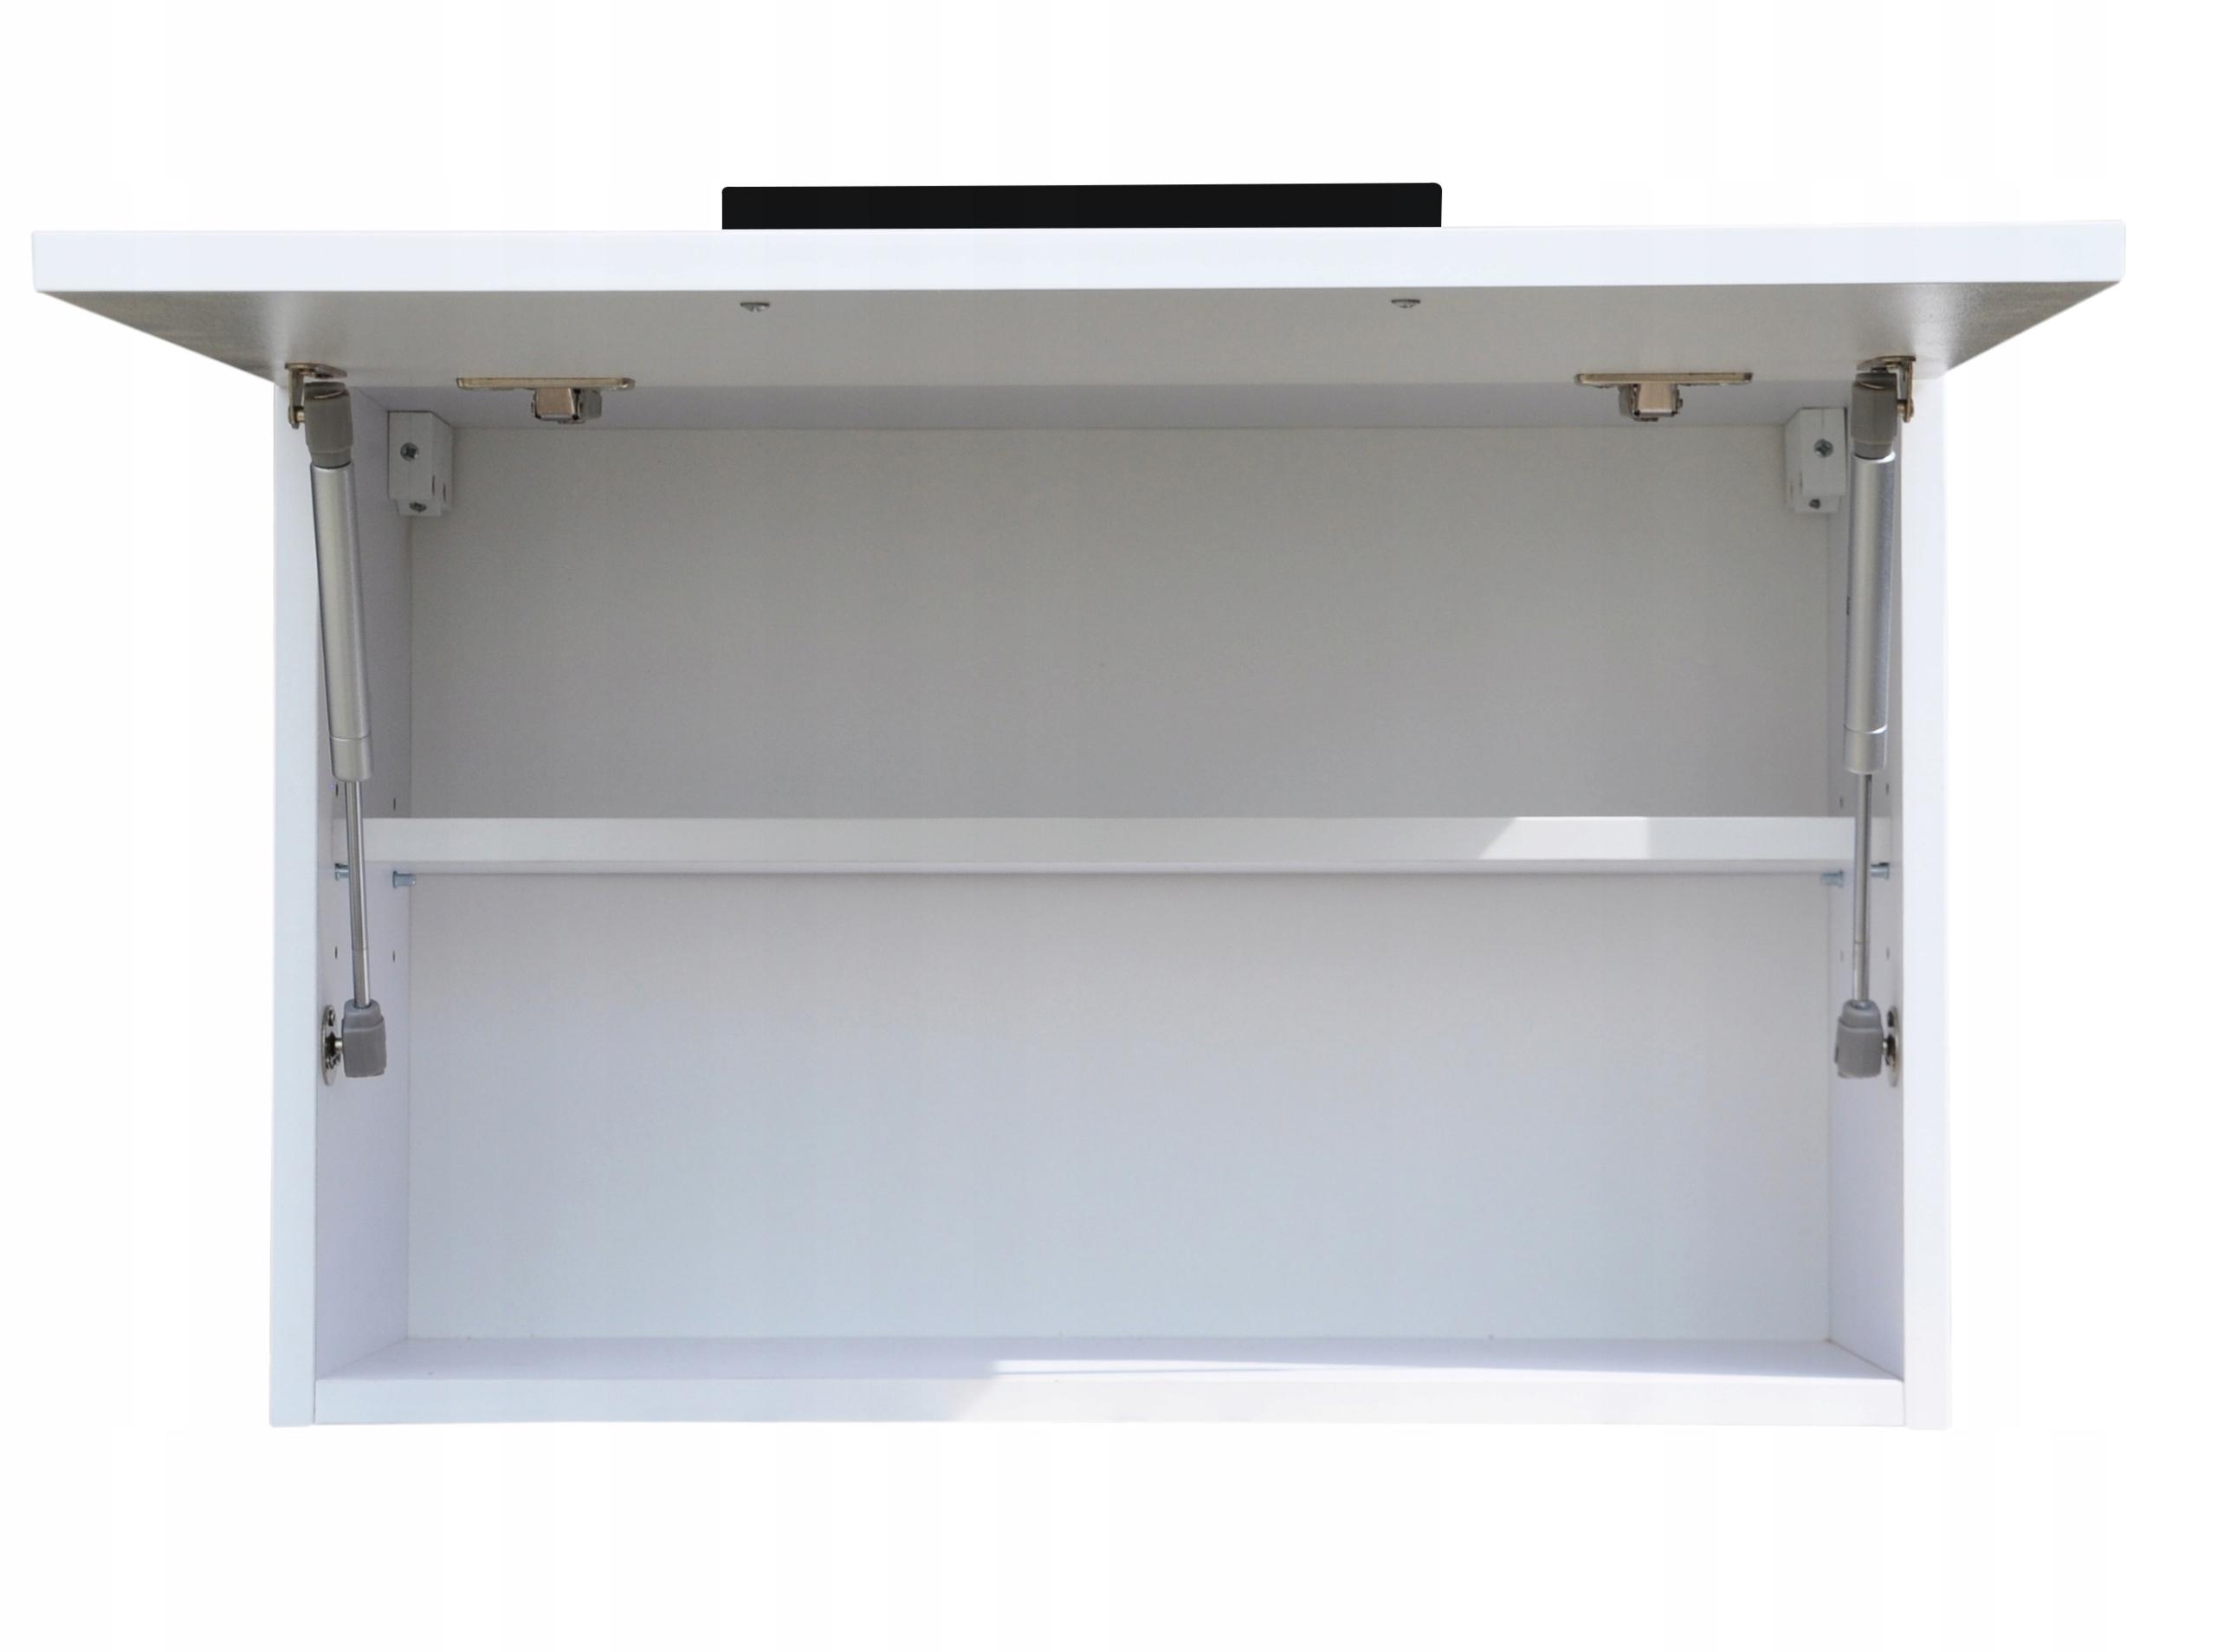 Szafka łazienkowa wisząca klapa połysk 80 Głębokość mebla 23.9 cm